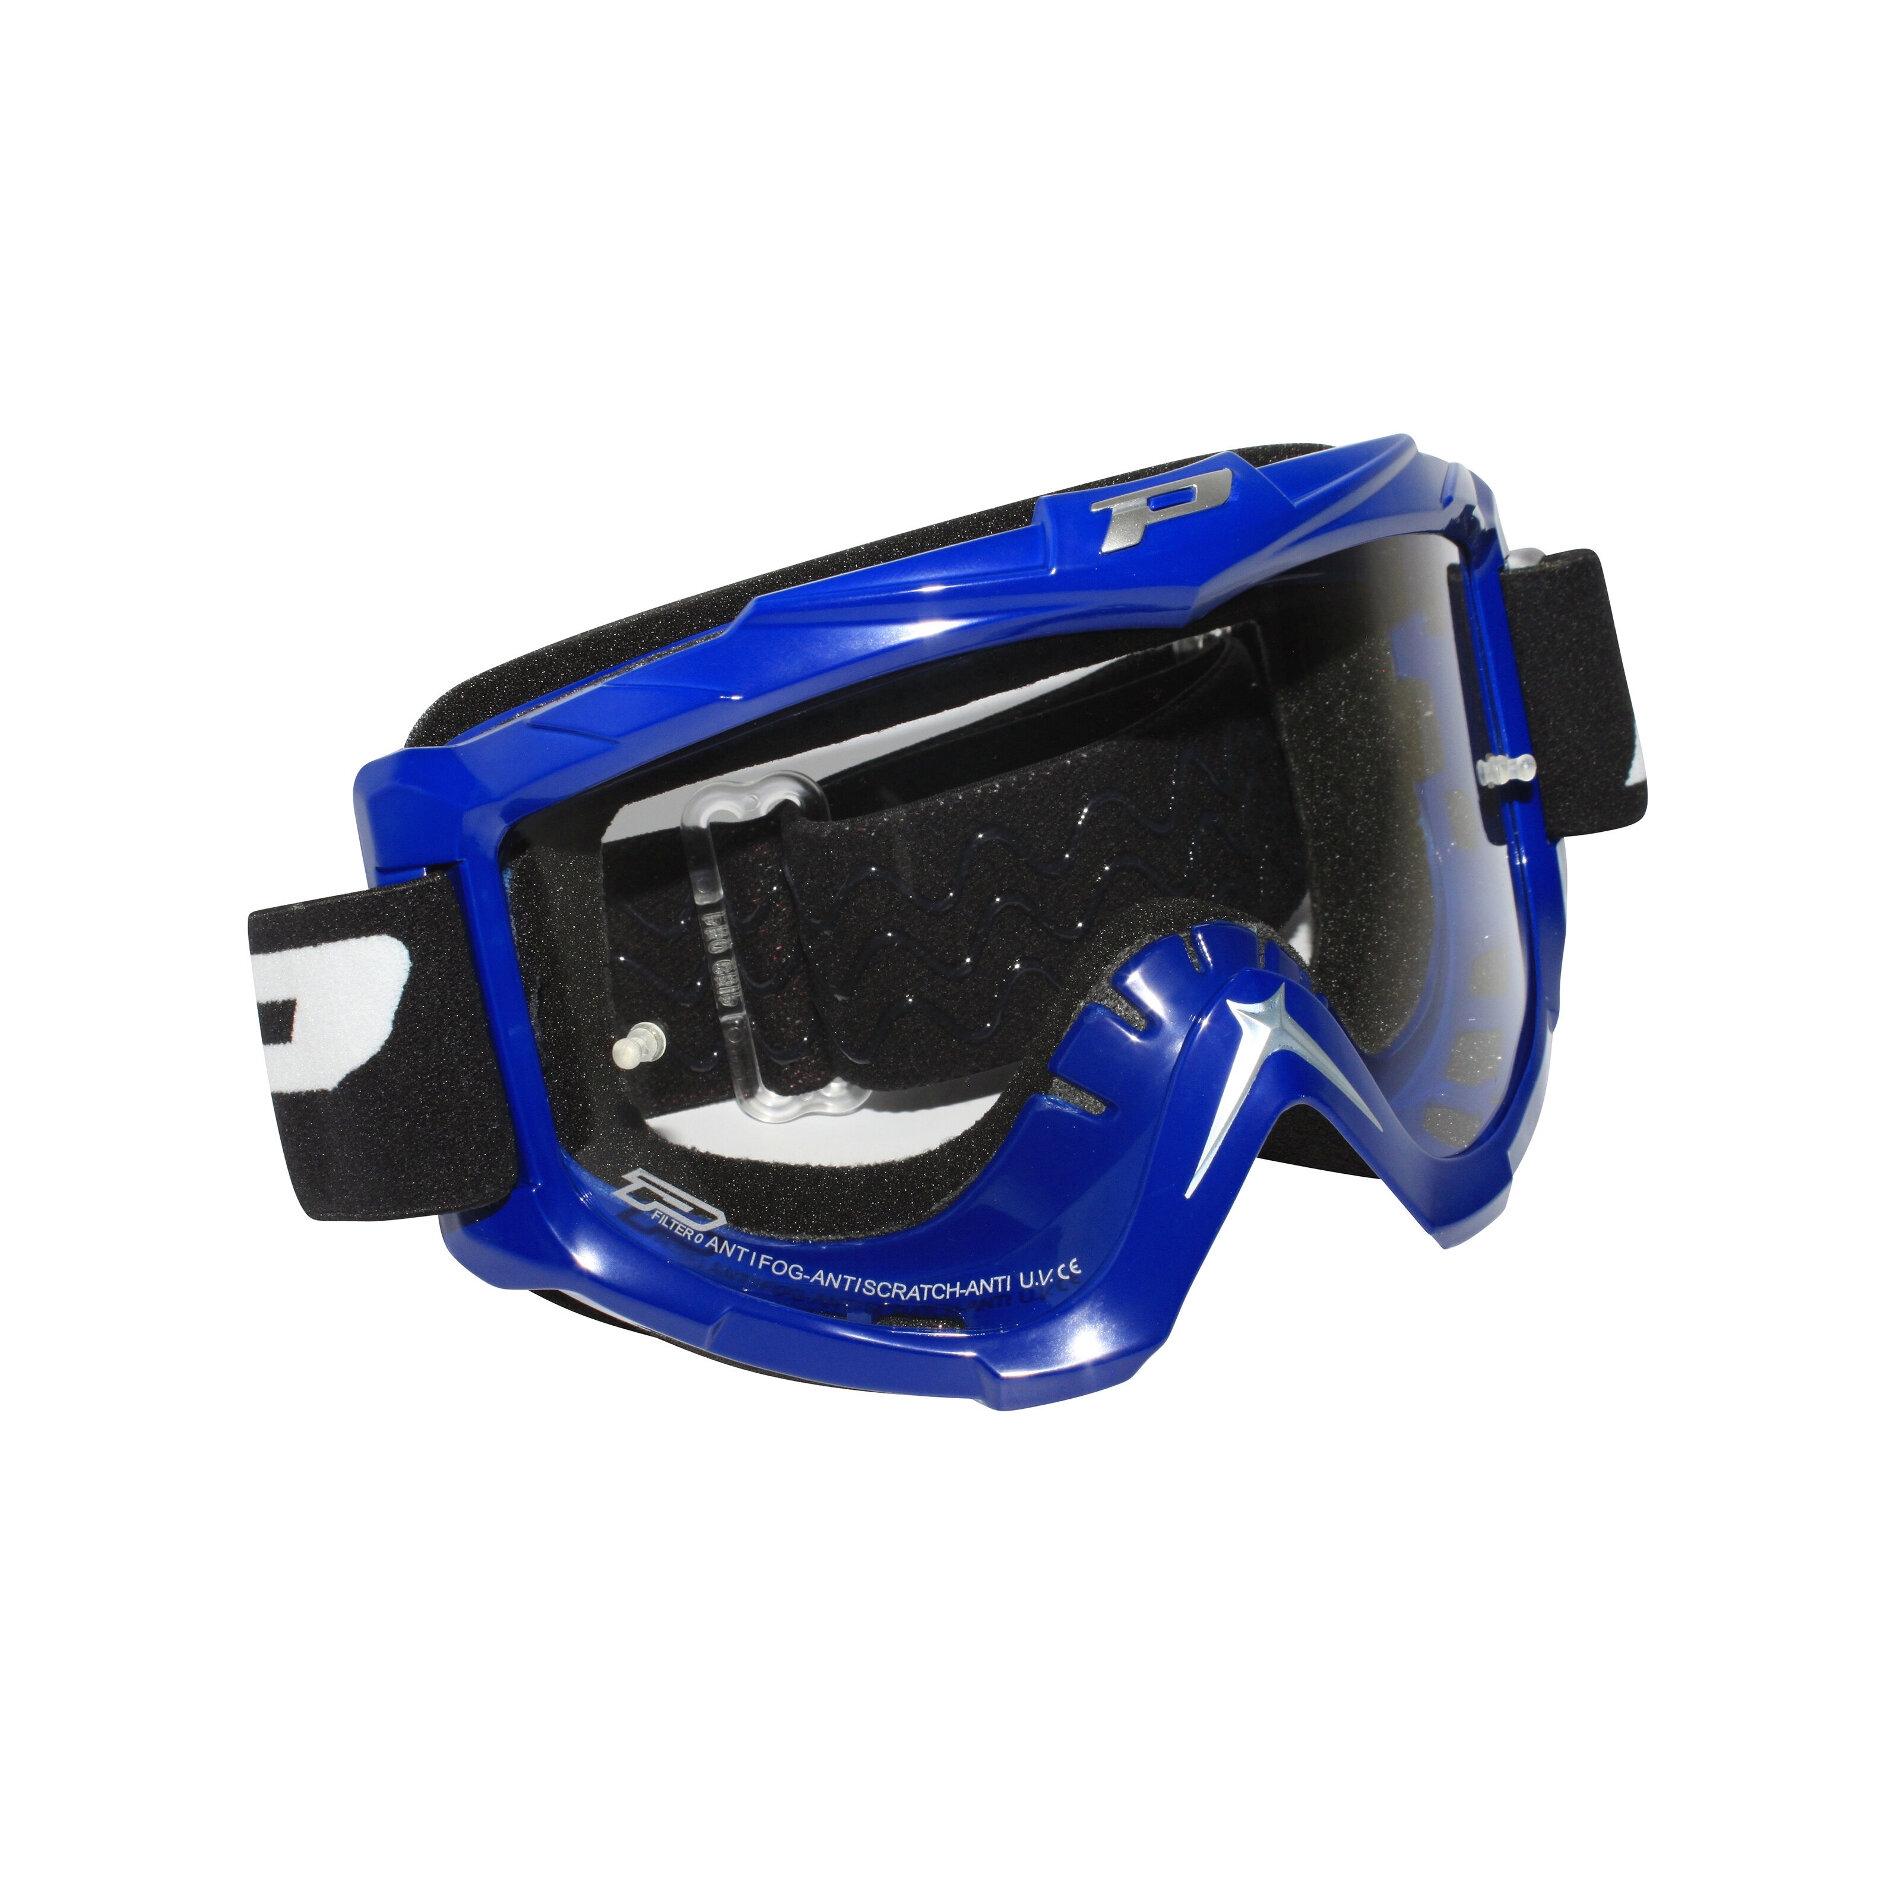 Masque cross moto Progrip 3301 bleu